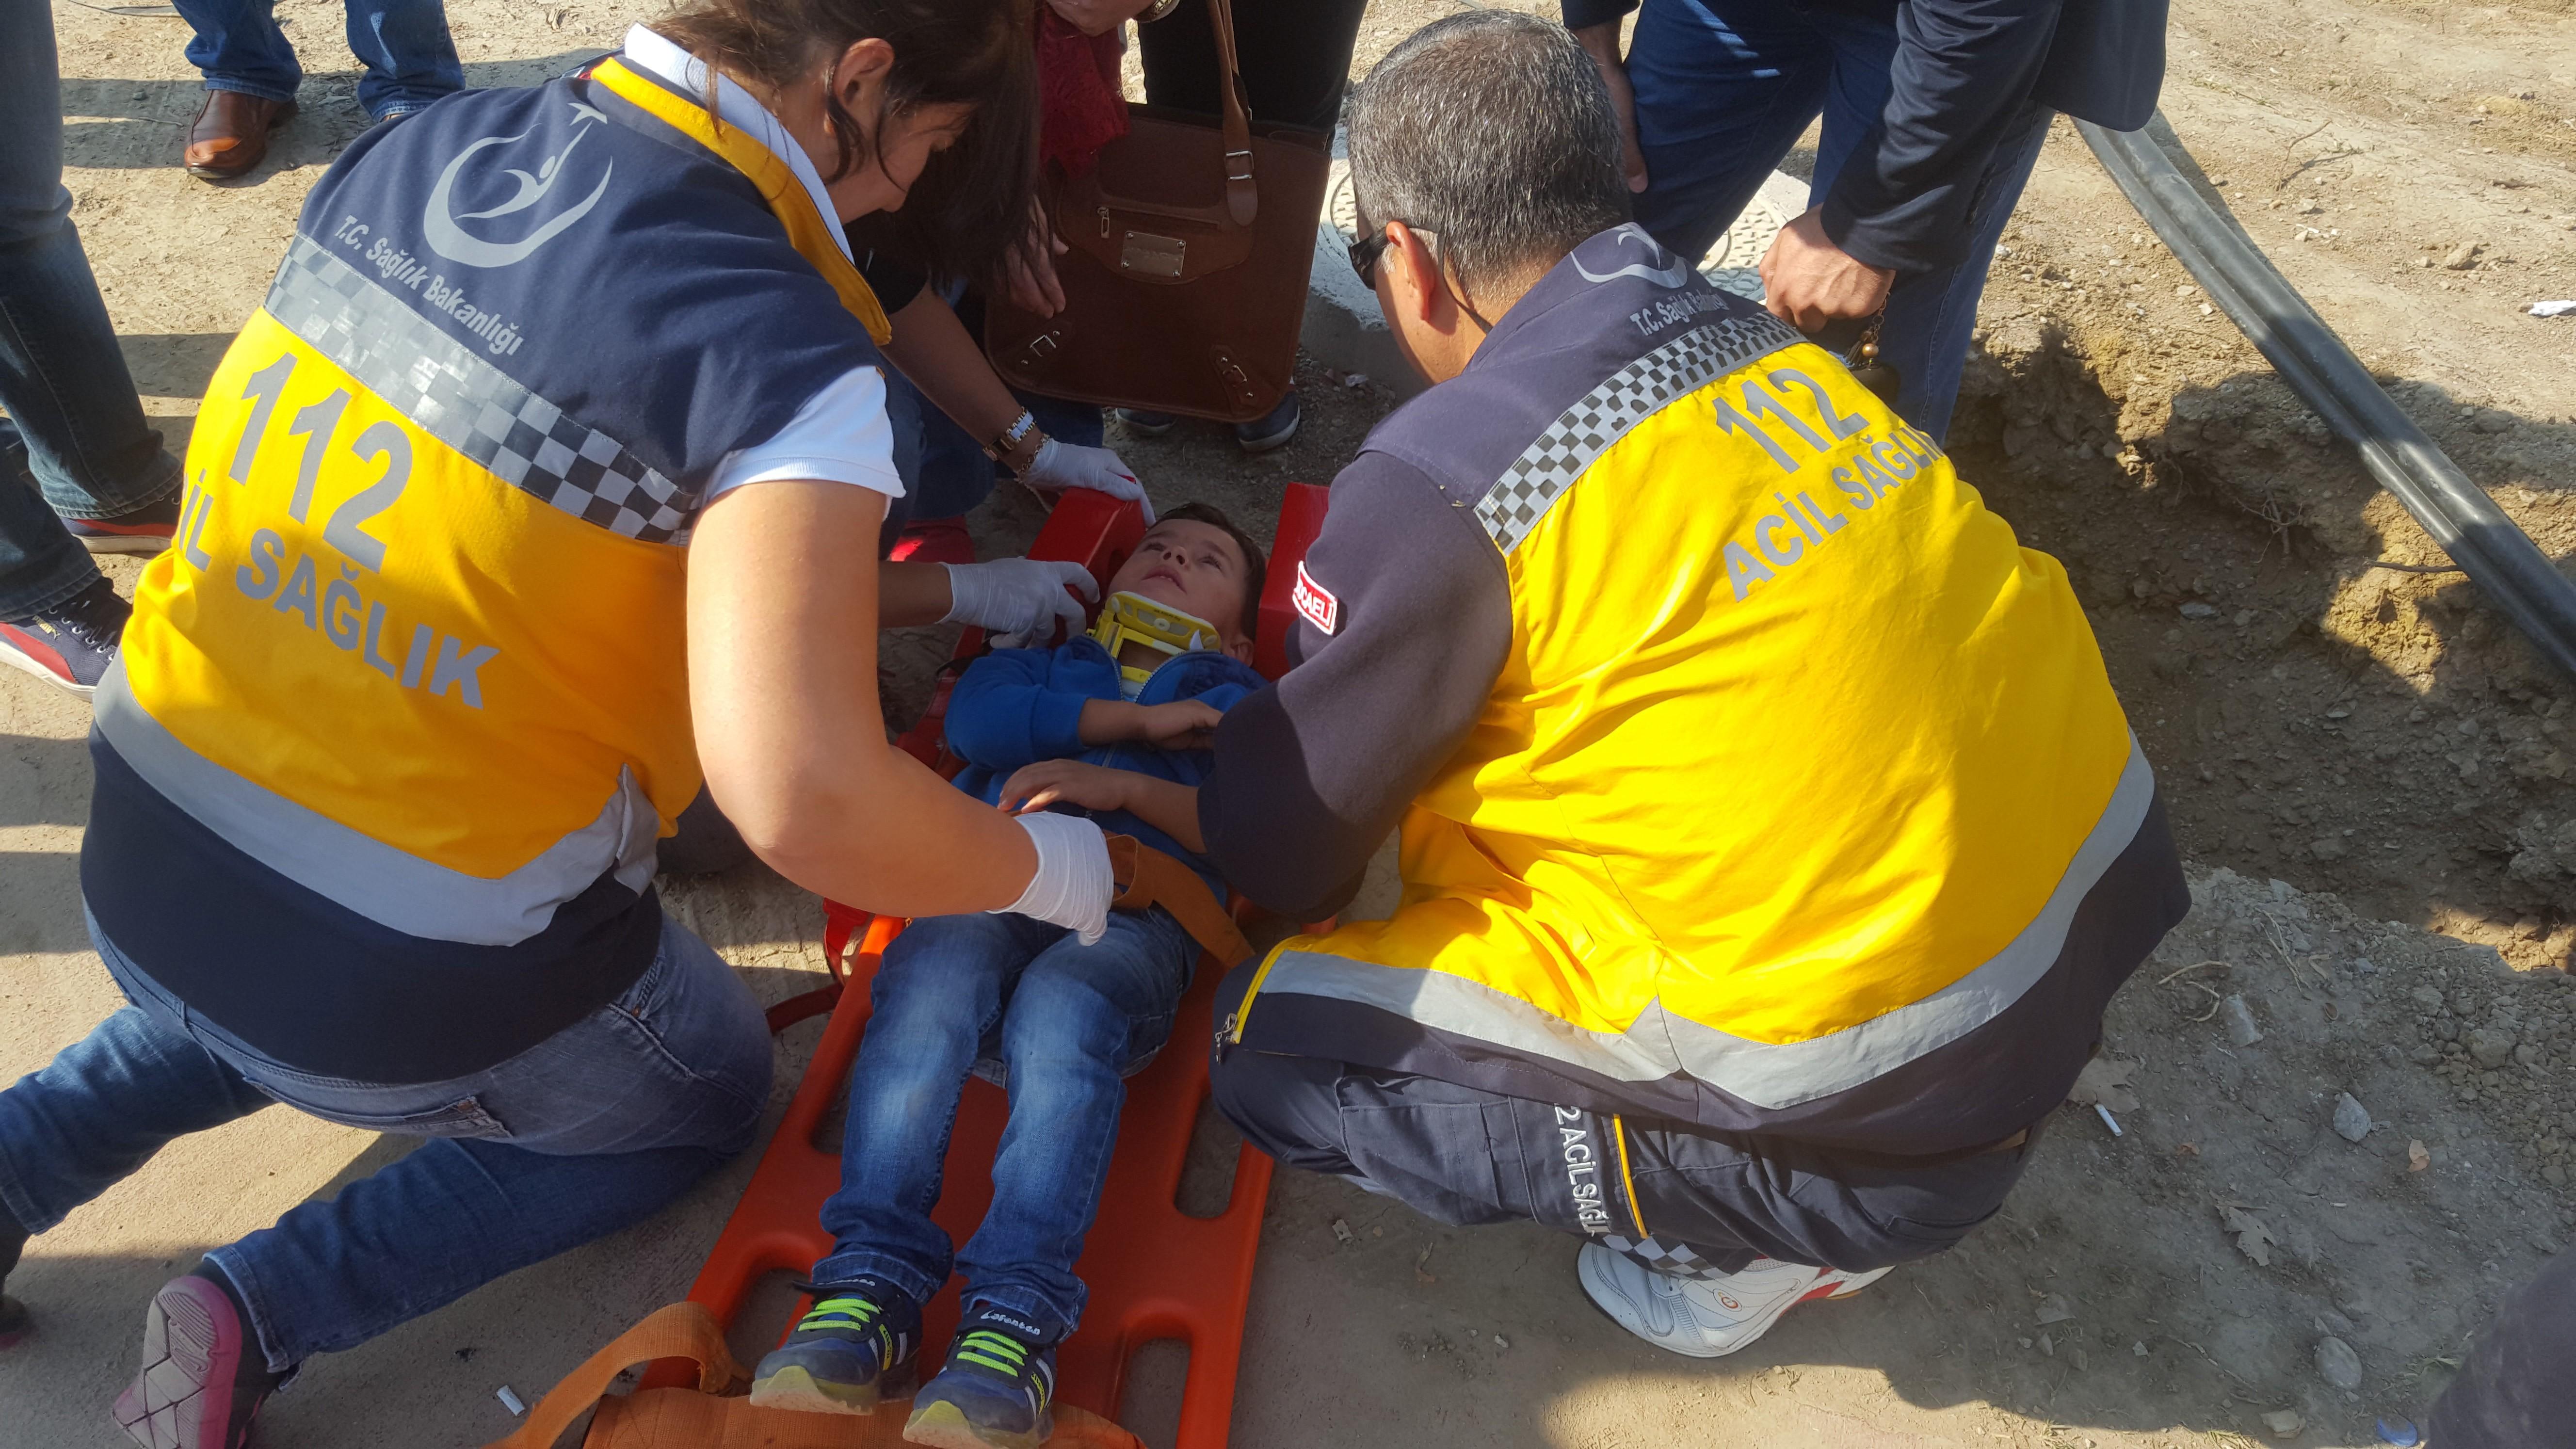 Kazada yaralanan 6 yaşındaki çocuk gözyaşlarına boğuldu